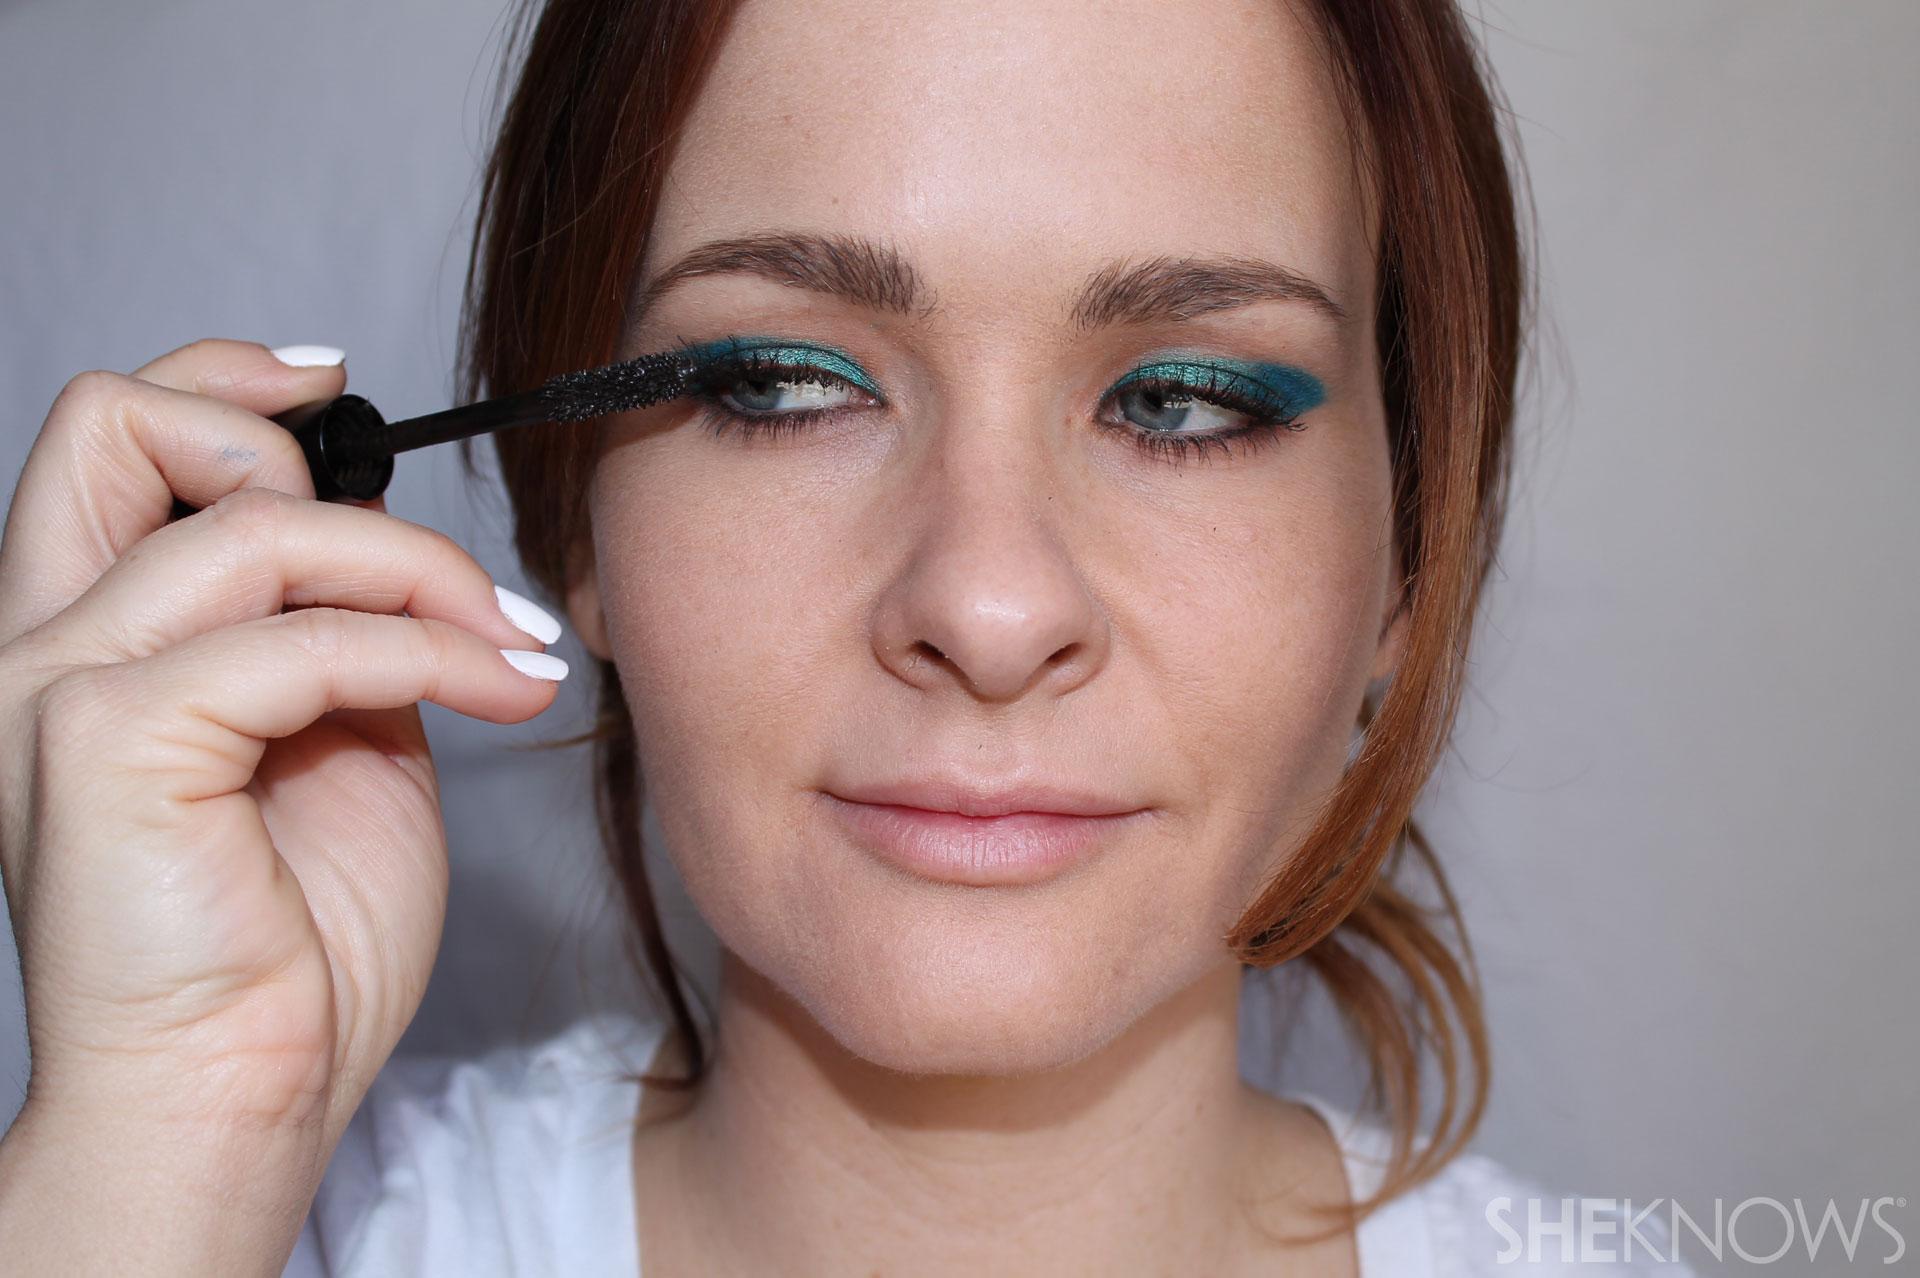 DIY Bold eyeliner: Fill in lines